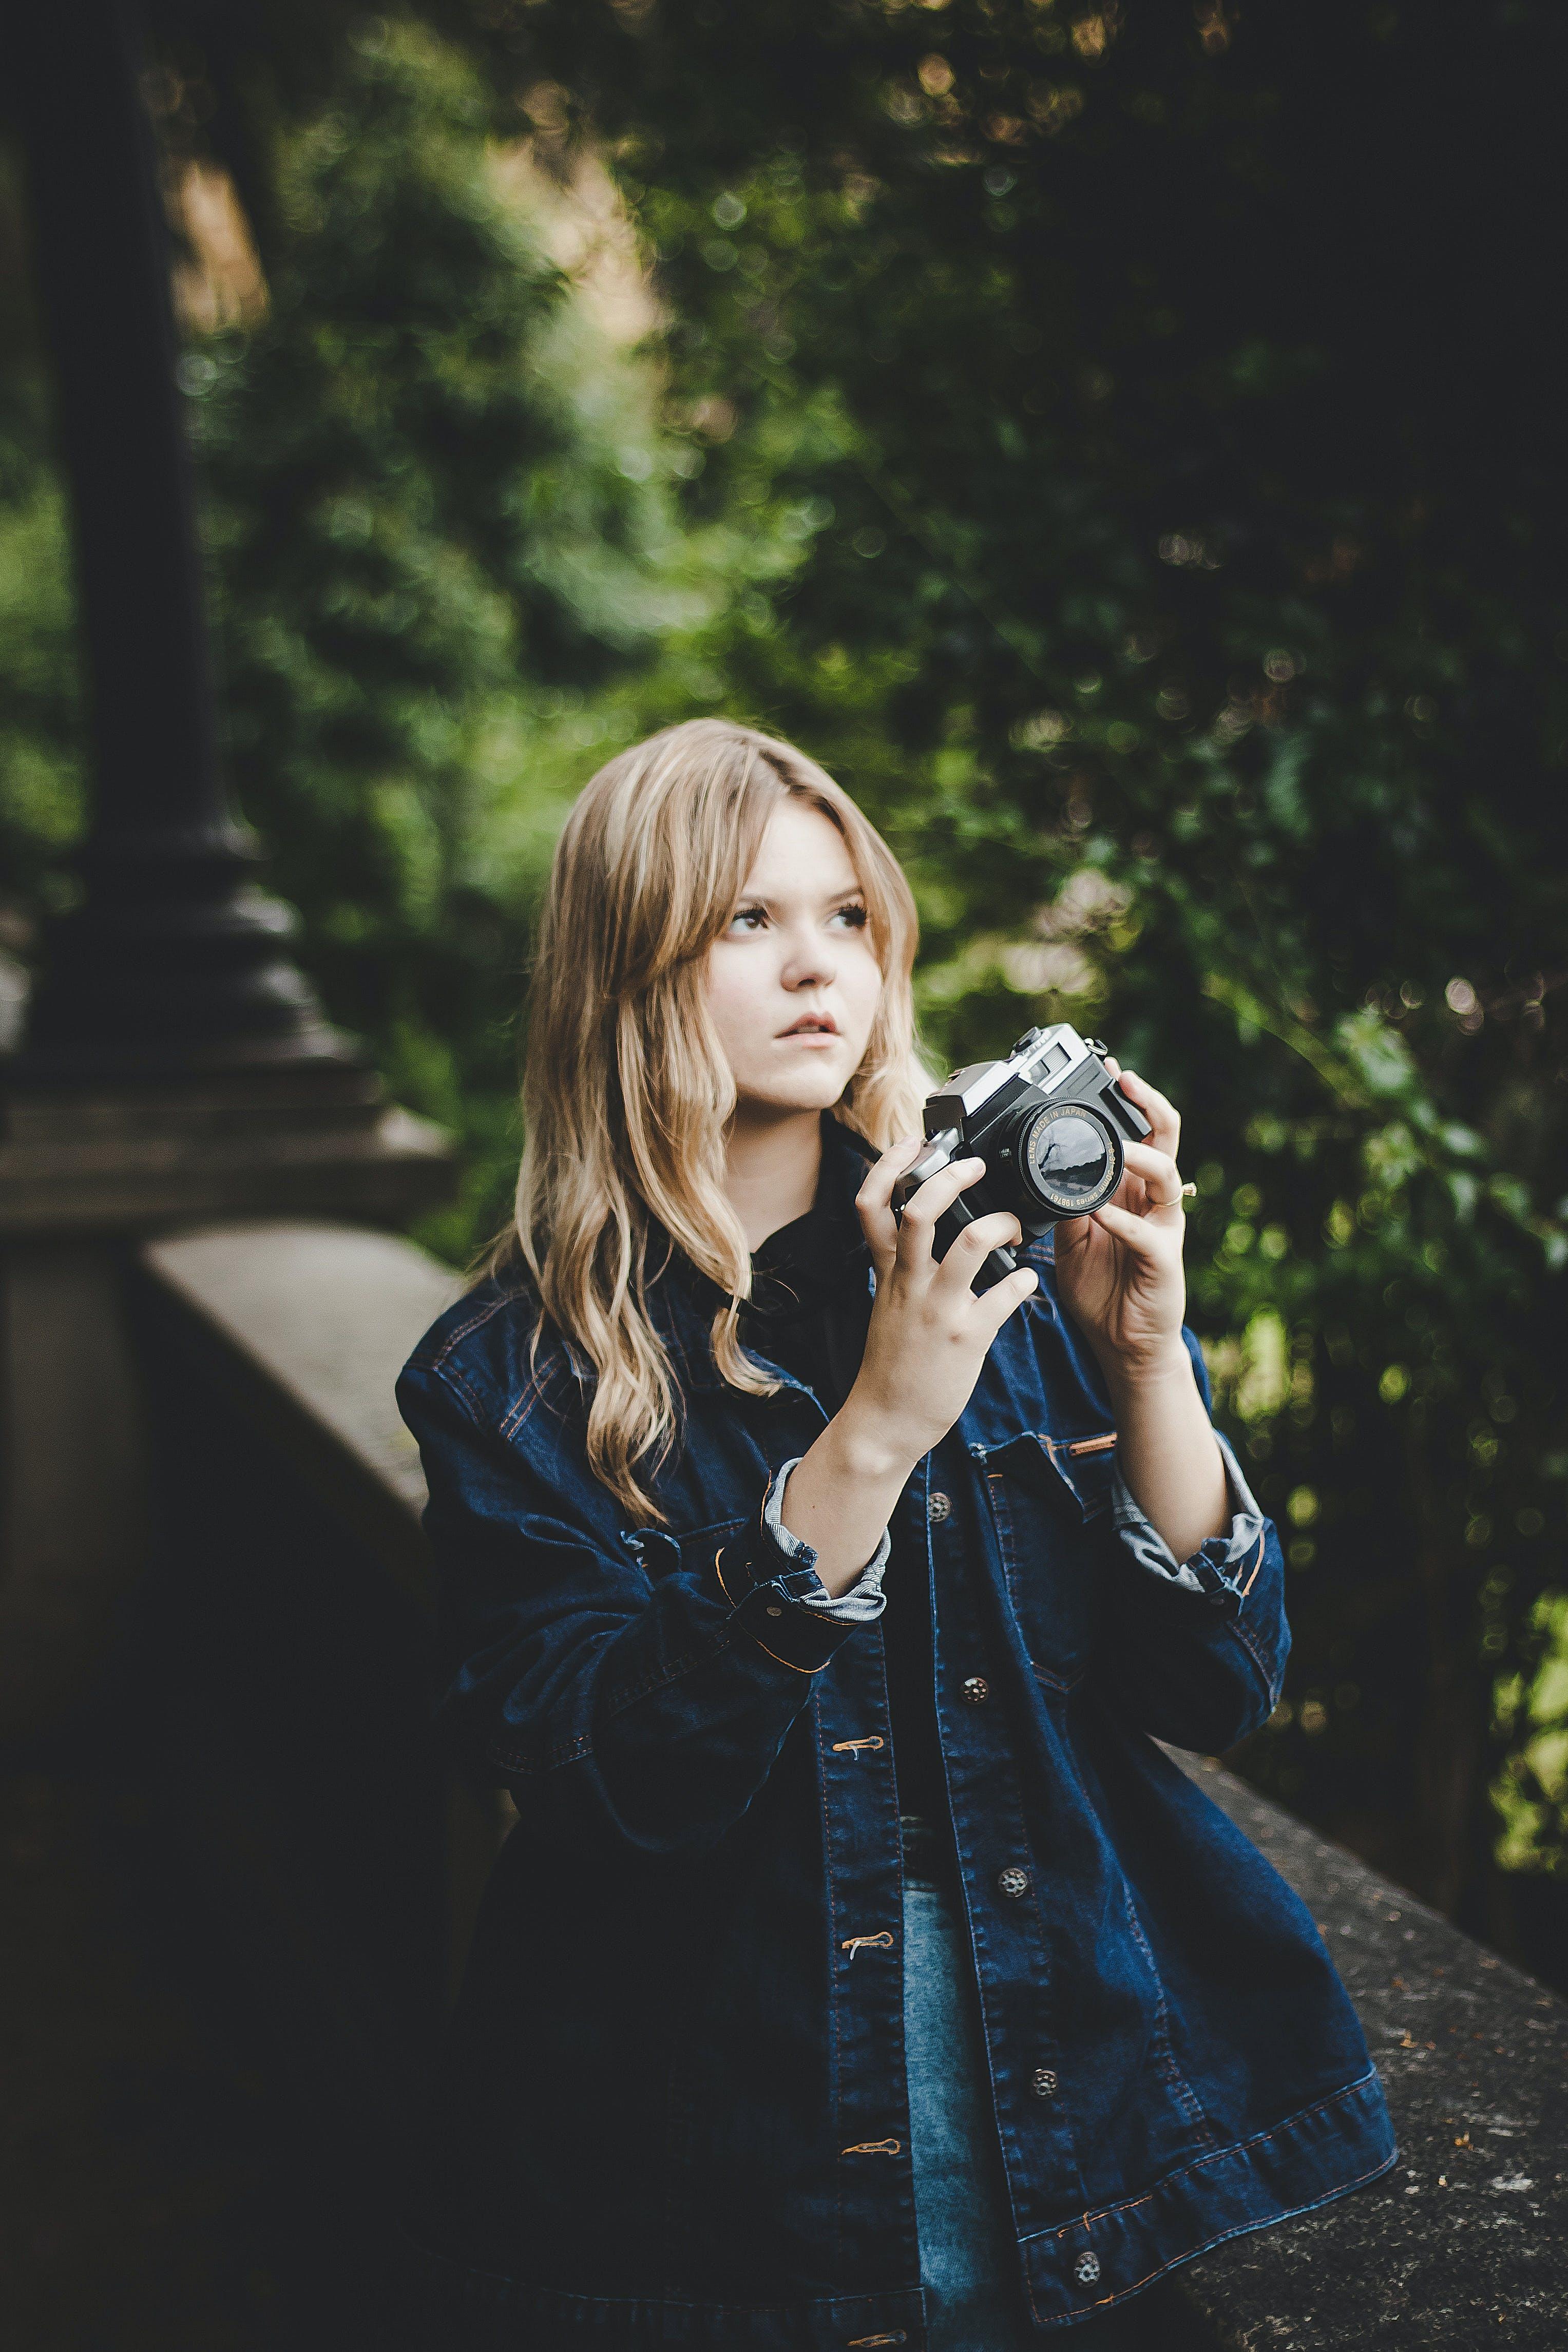 Kostenloses Stock Foto zu blond, fashion, fokus, fotoshooting